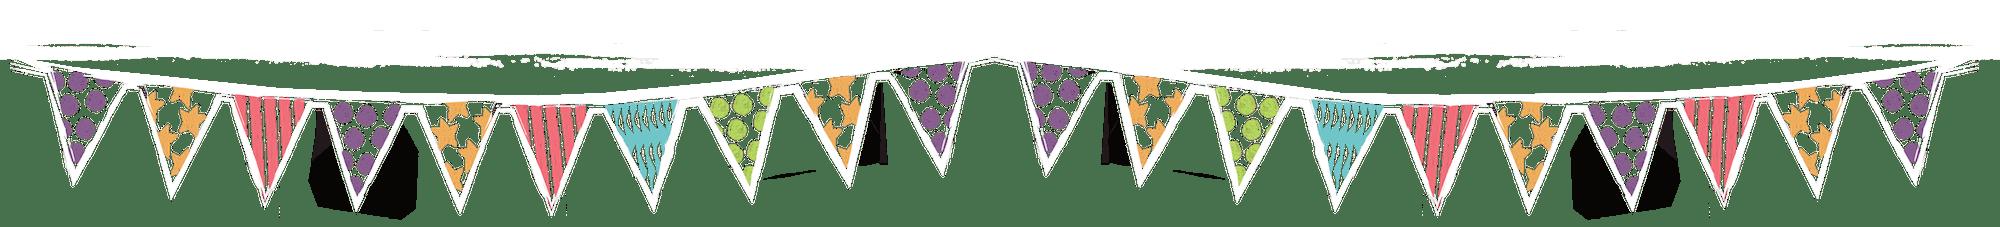 bandeiras-e-pincel